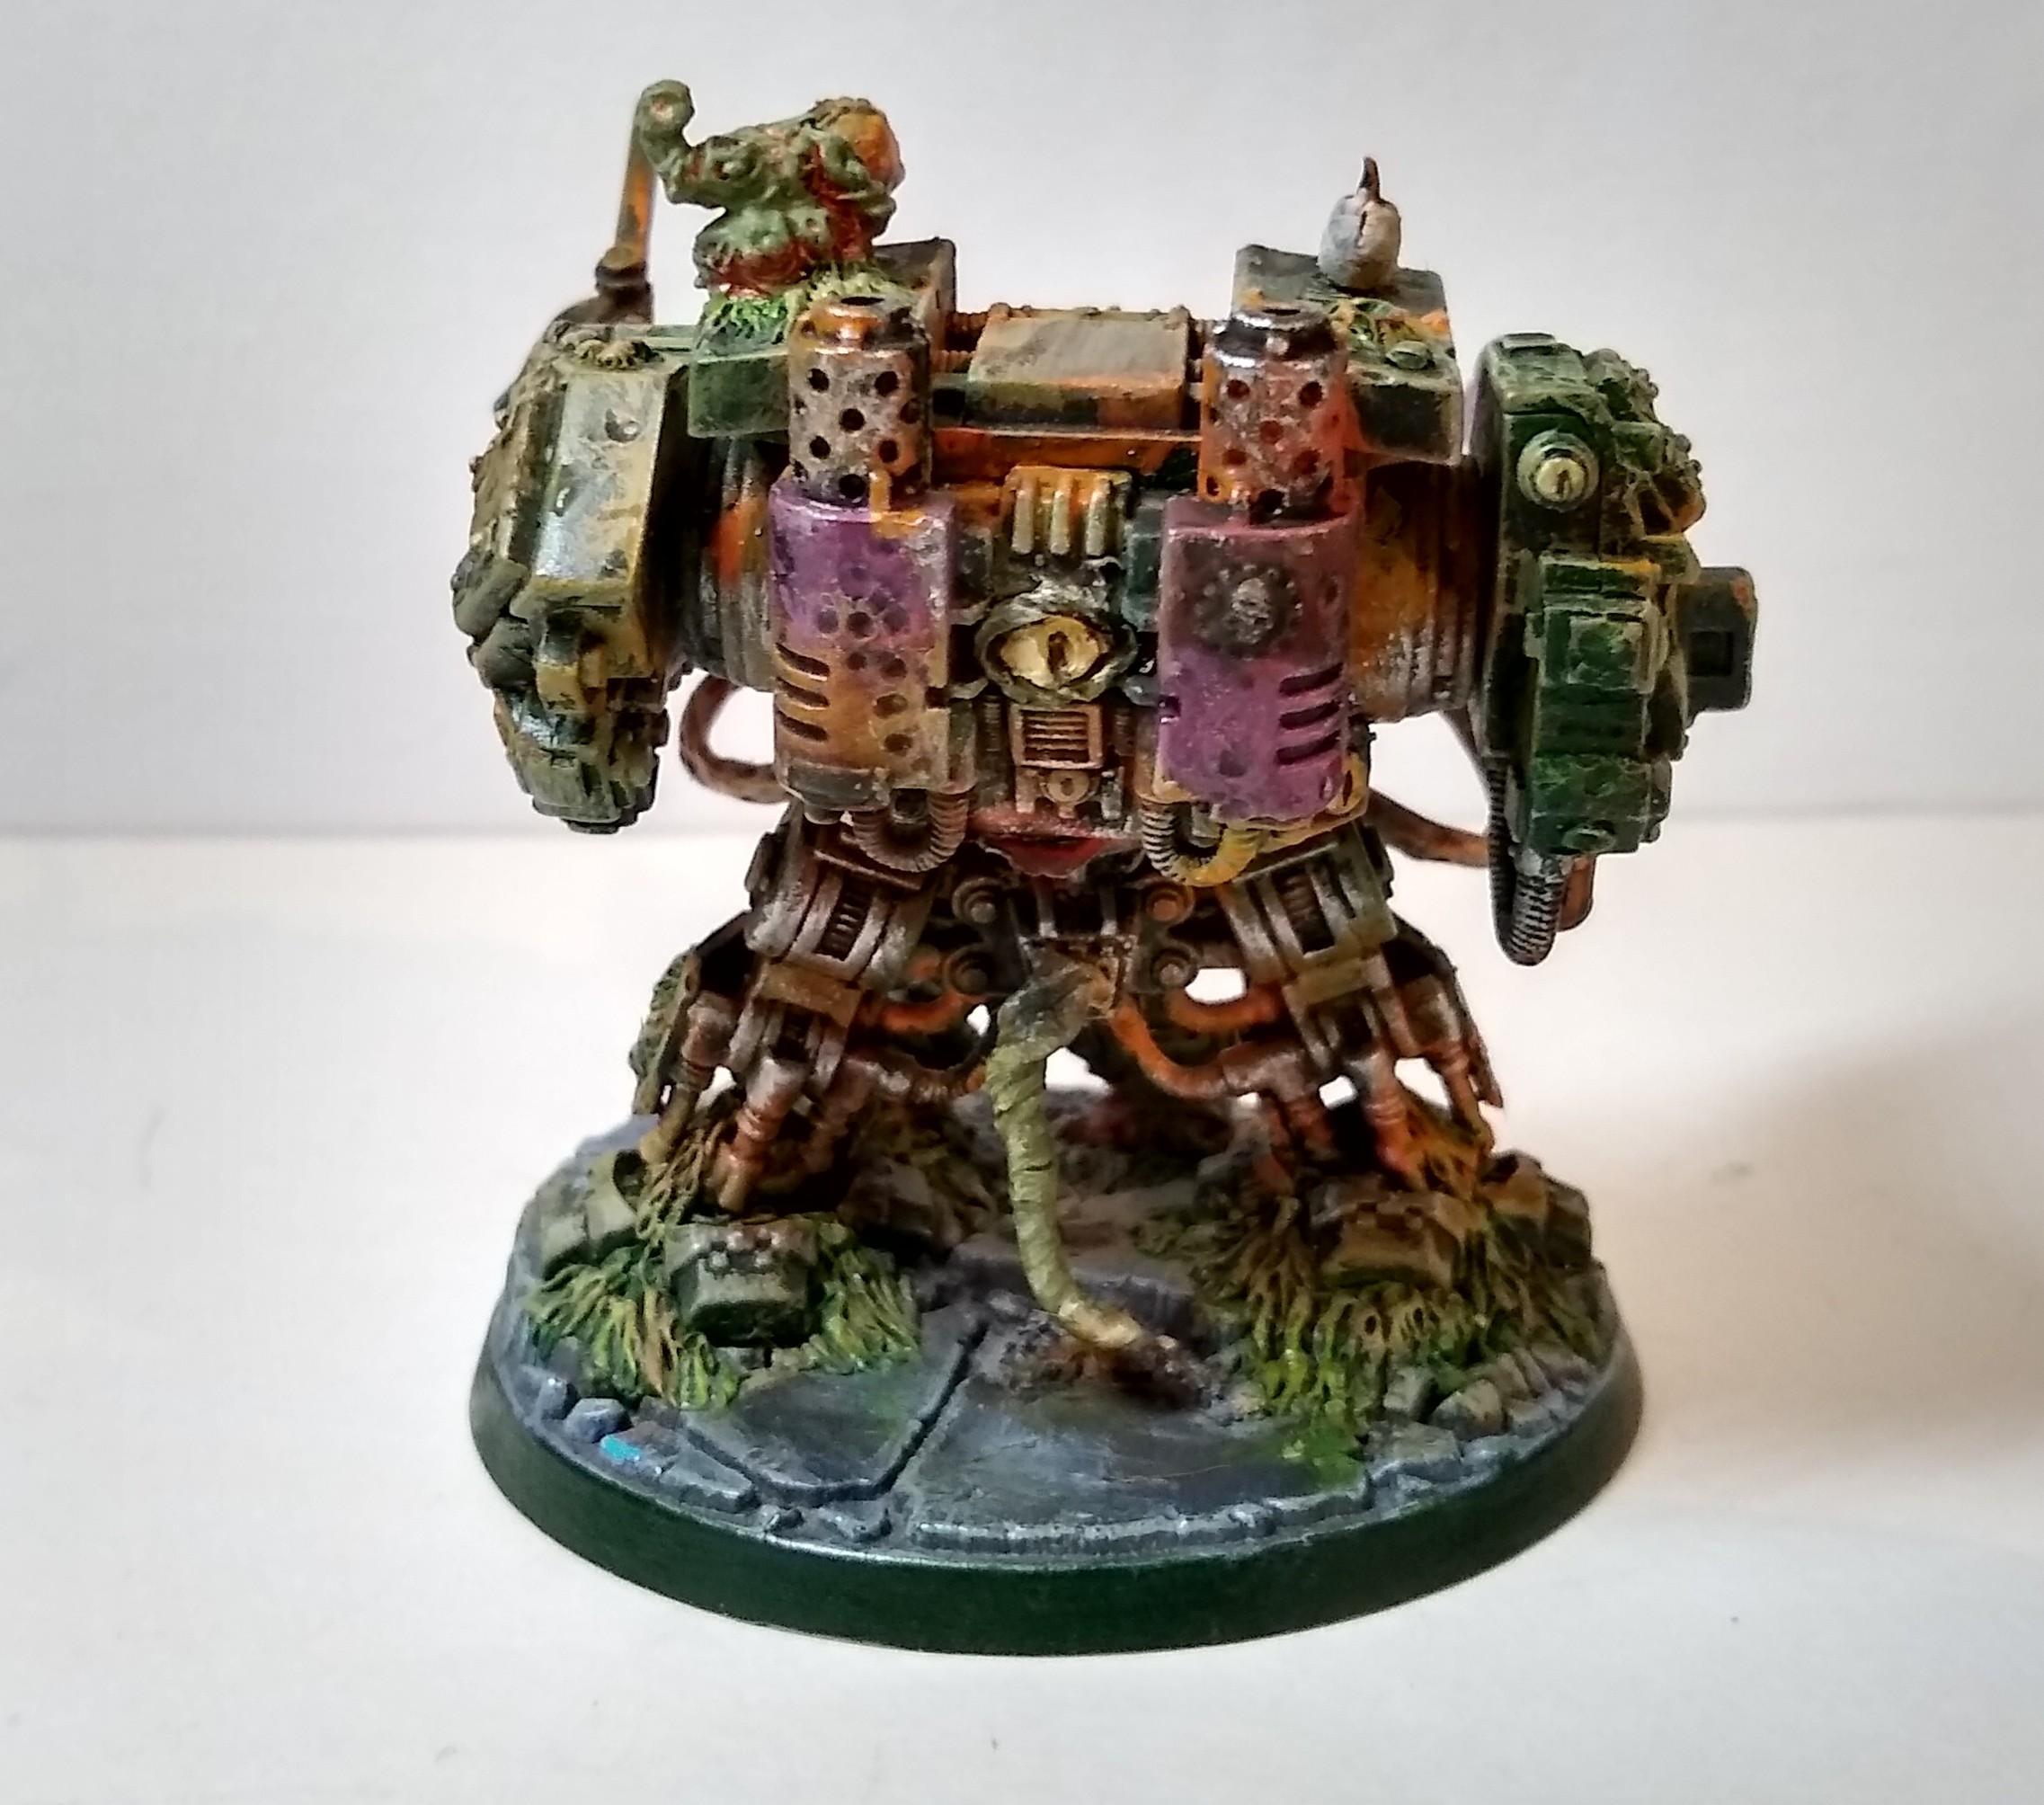 Hel-naught rear